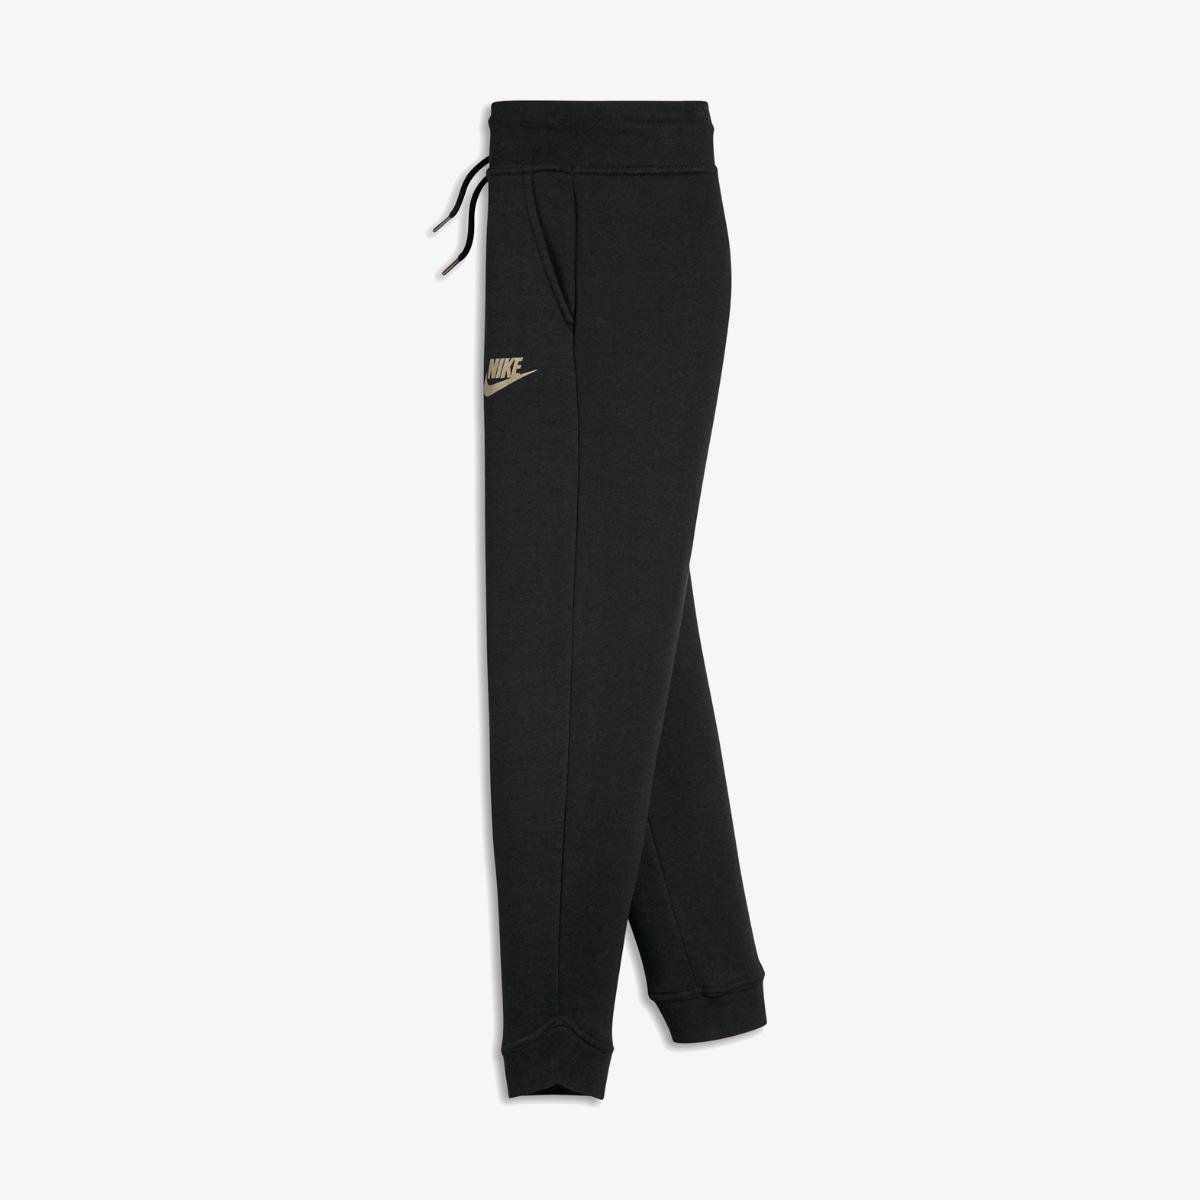 Детские брюки NIKE NSW Modern Pant (Артикул: 890253-010)